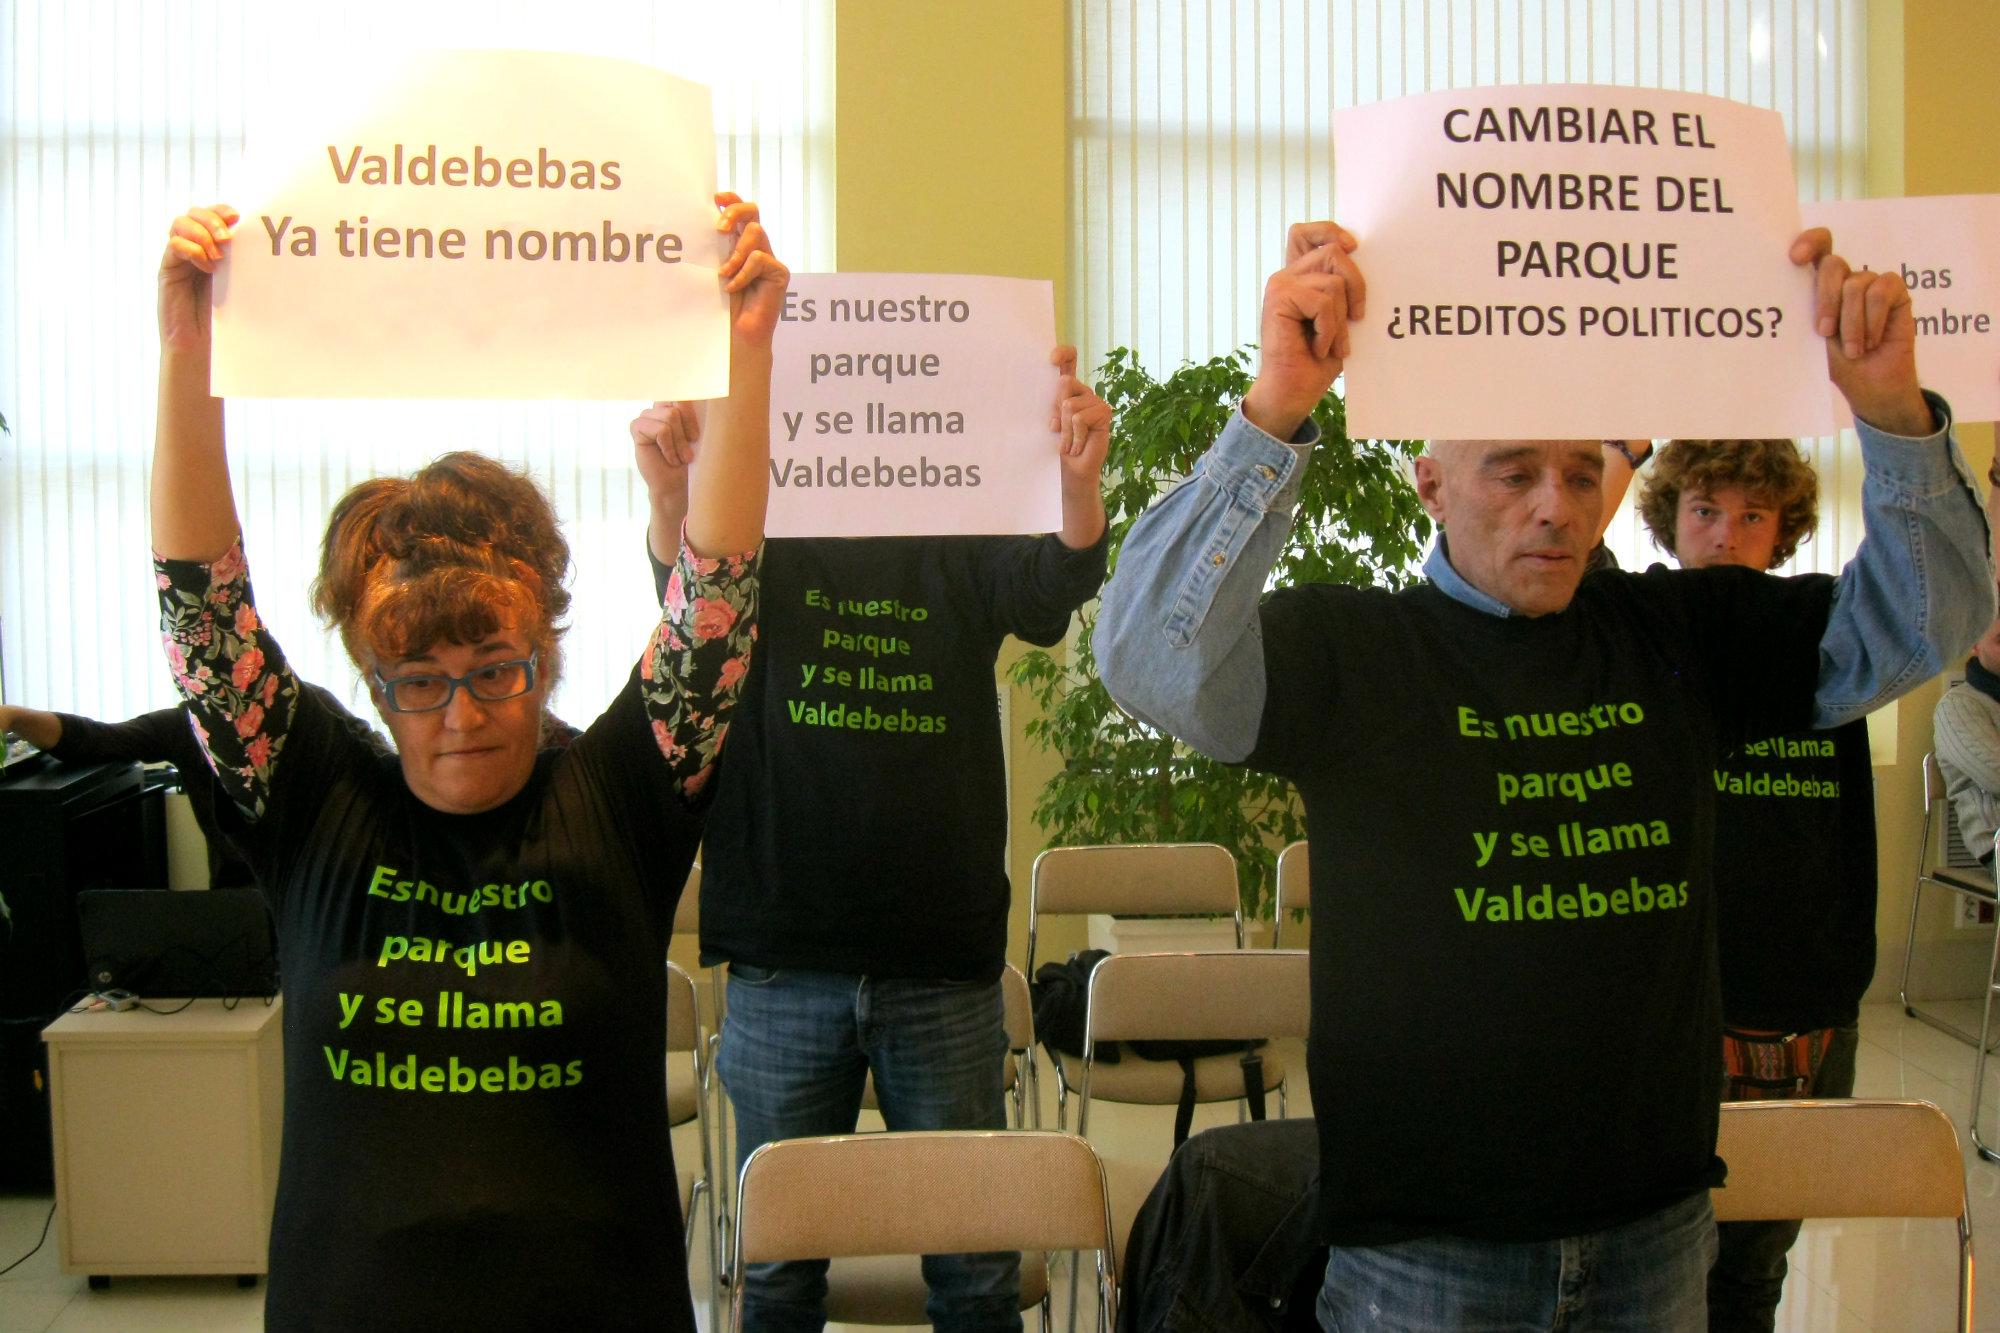 El PP impone que el parque de Valdebebas se llame Felipe VI